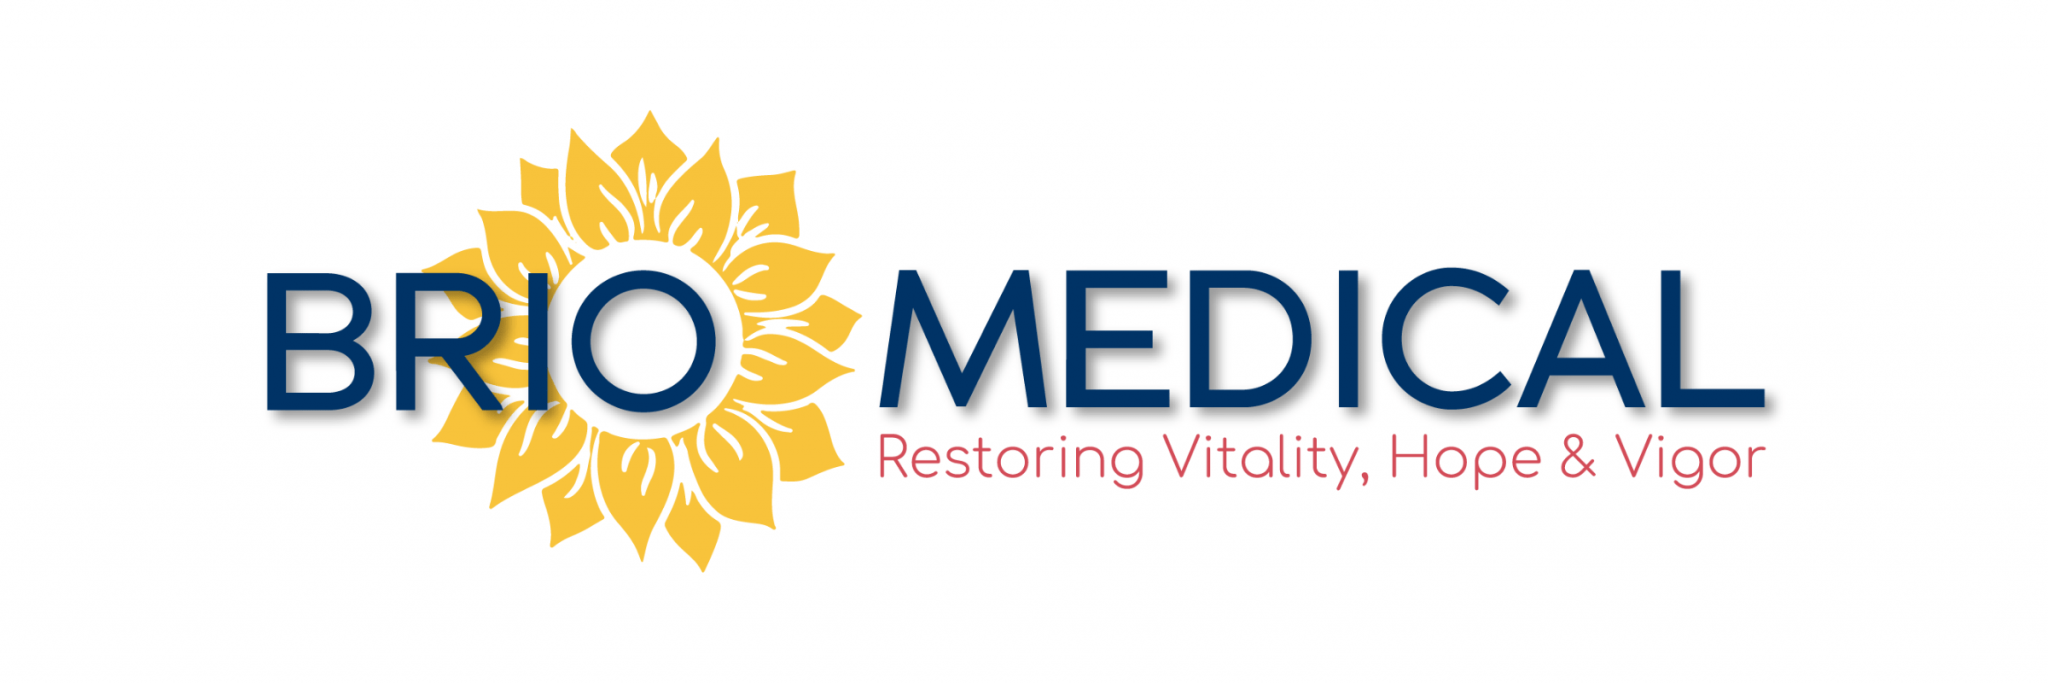 Brio Medical